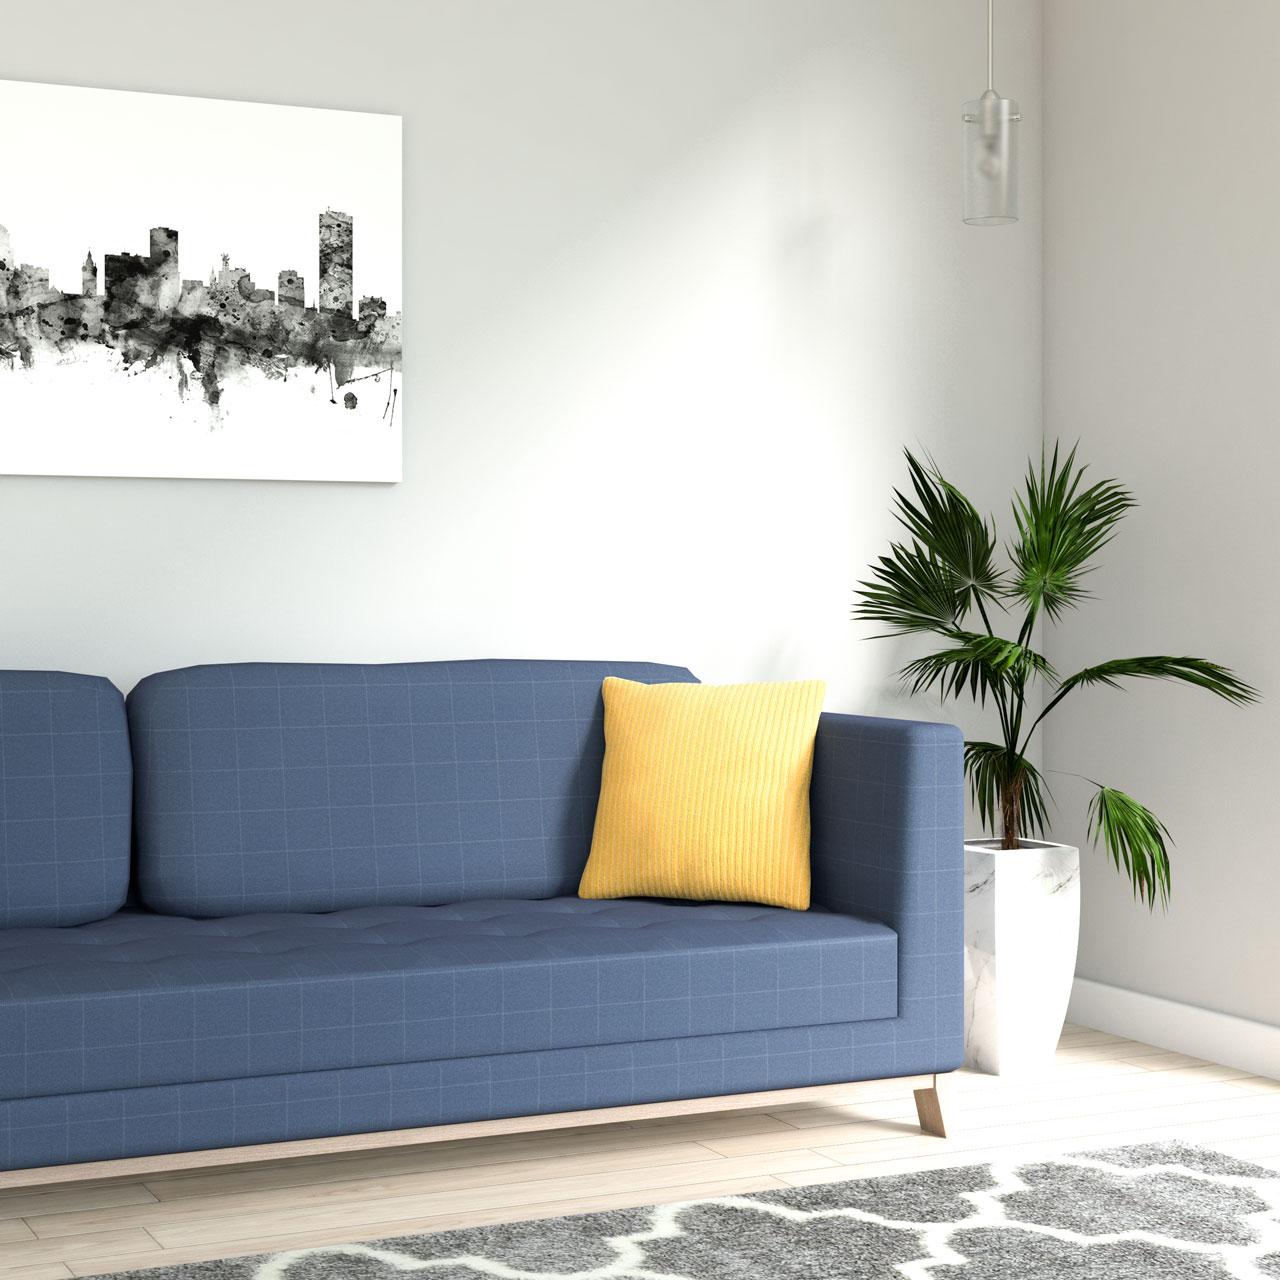 Velvet yellow mustard corduroy throw pillow with blue sofa